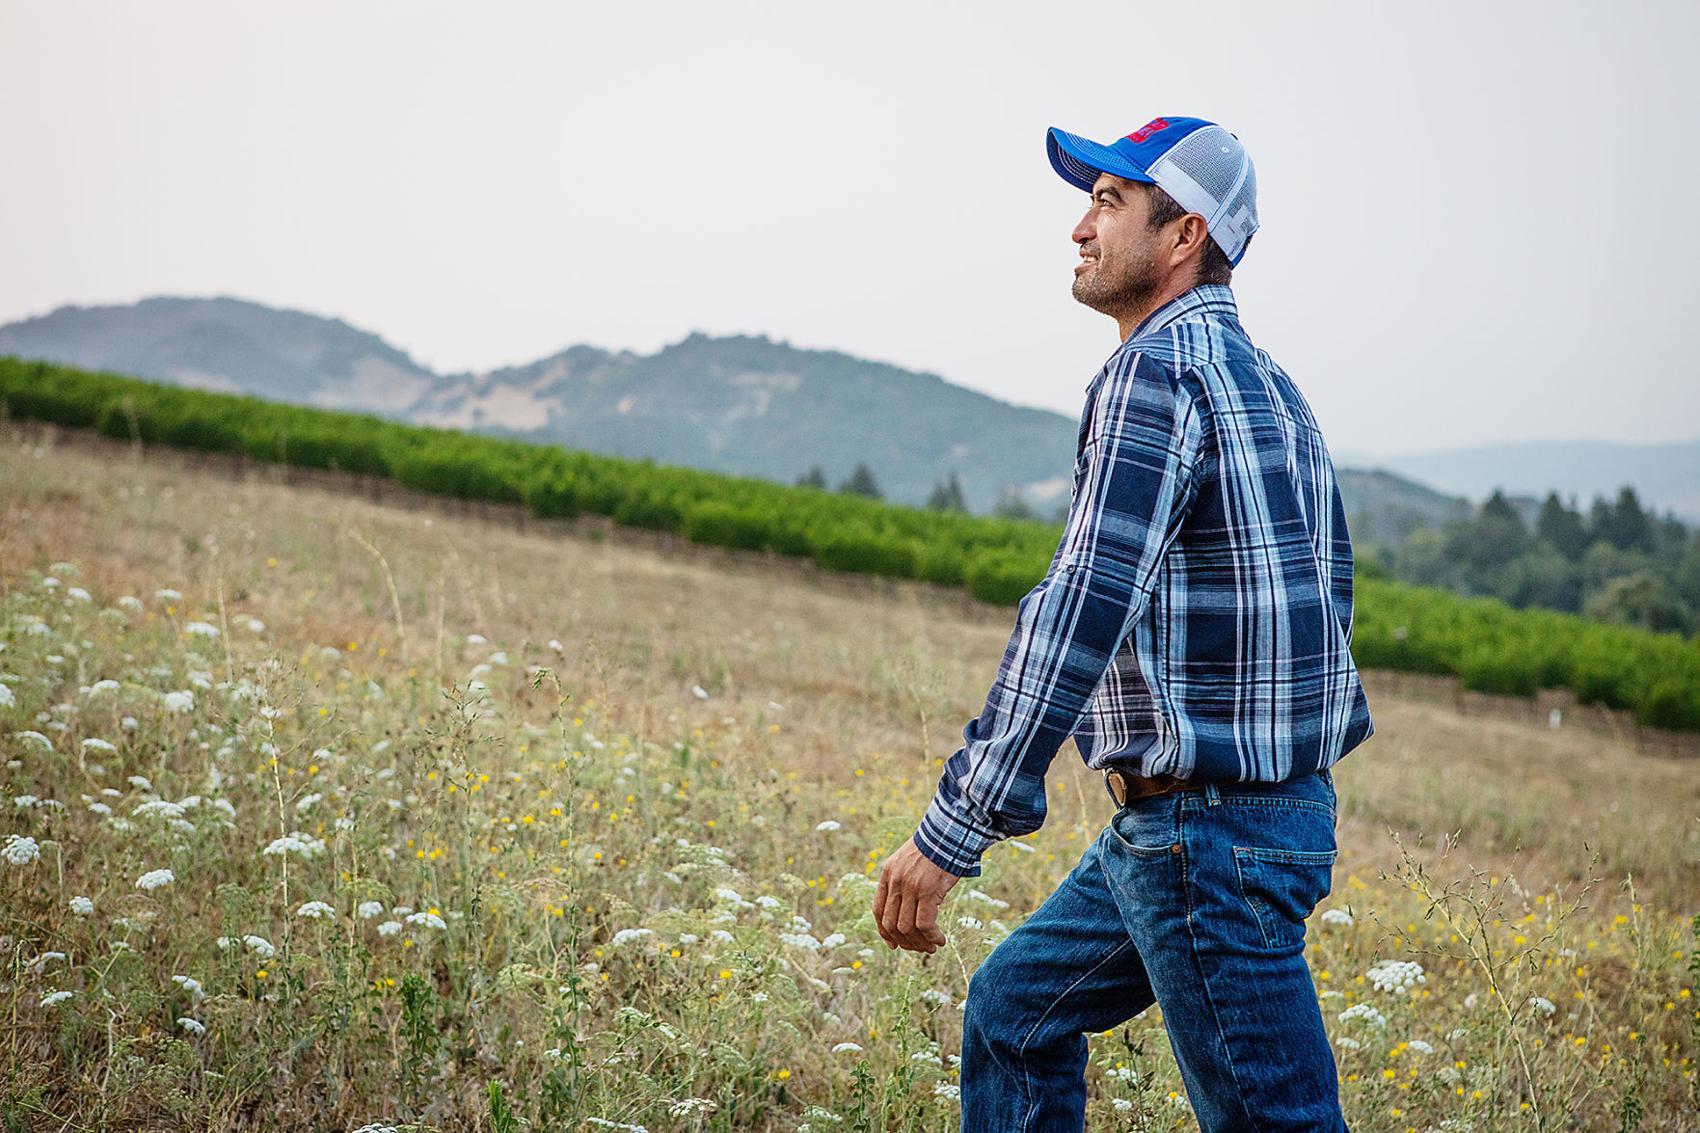 From Mexico to Napa: the story of Roberto Juarez